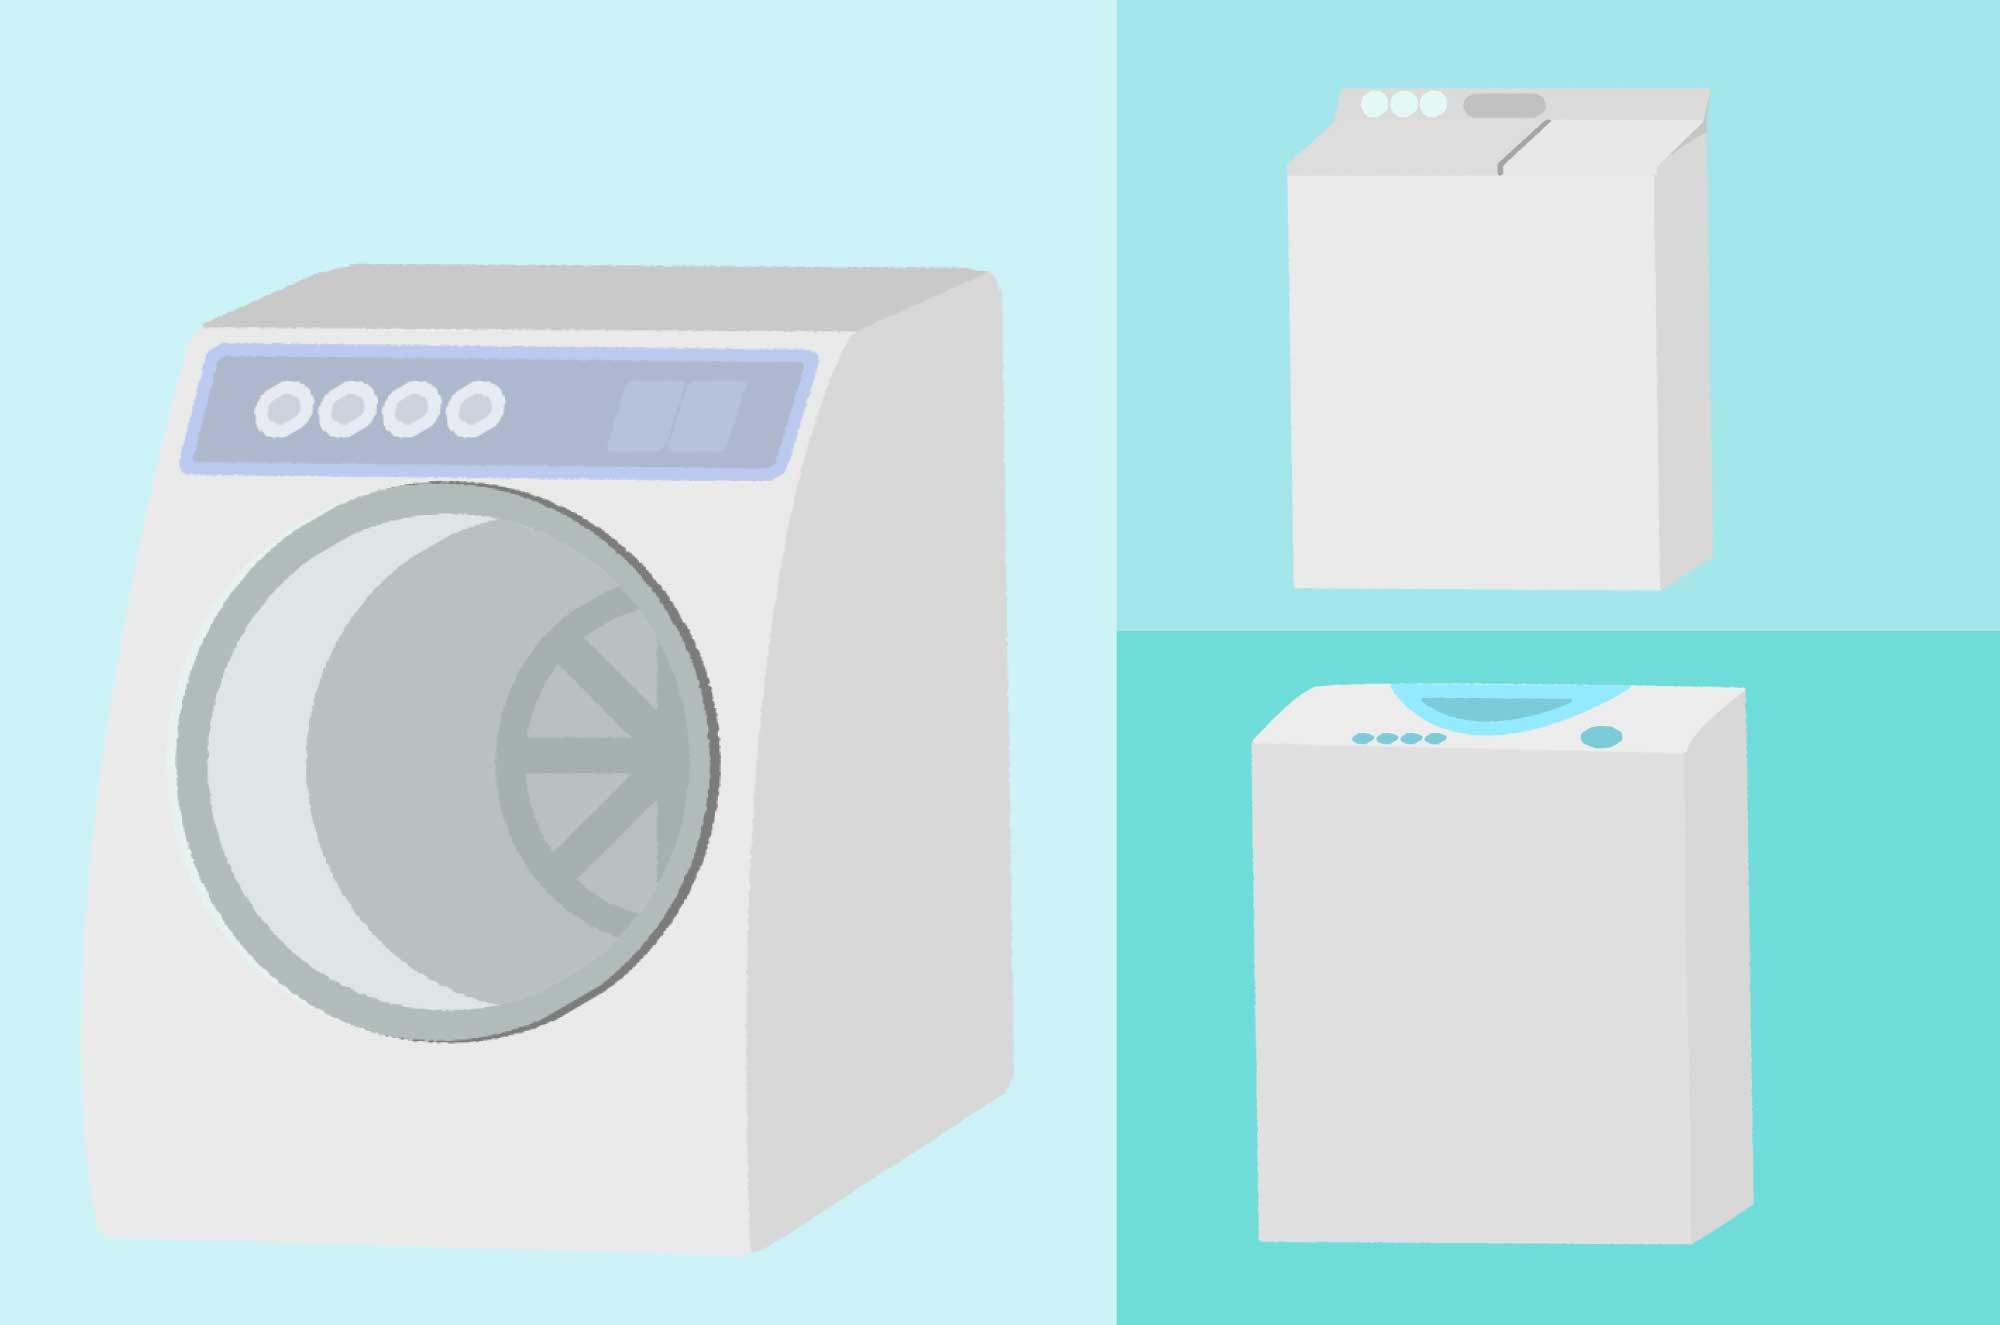 可愛い洗濯機のフリーイラスト - 無料の家電品素材